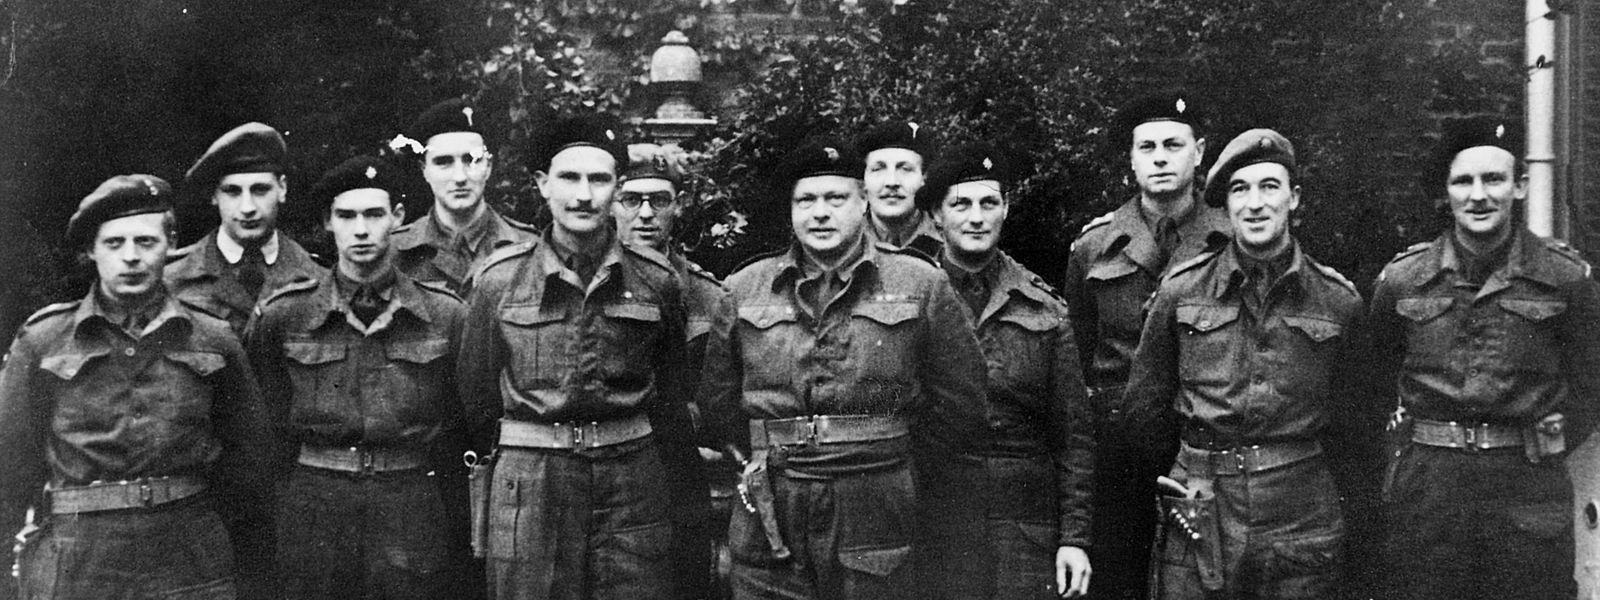 Grand-Duc Jean war bei den Irish Guards, aber im letzten Kriegsjahr stand er auch öfter Seite an Seite mit den Welsh Guards.